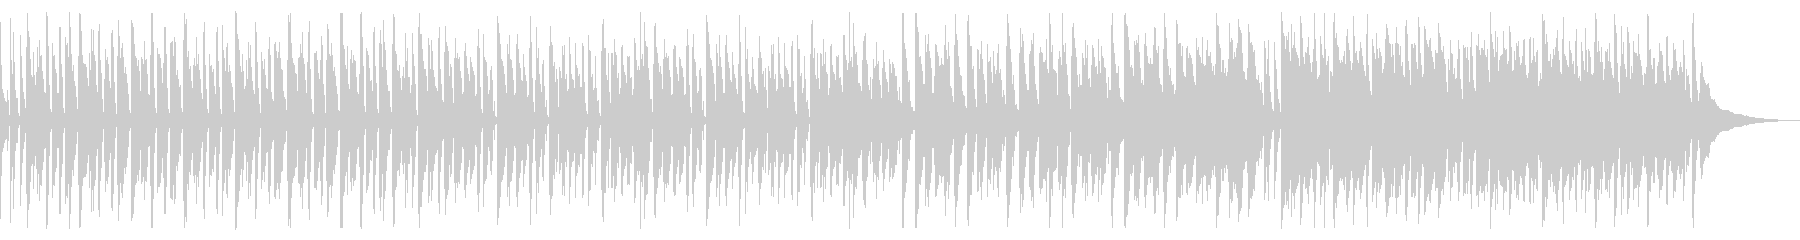 ノリノリなディスコ_2の未再生の波形